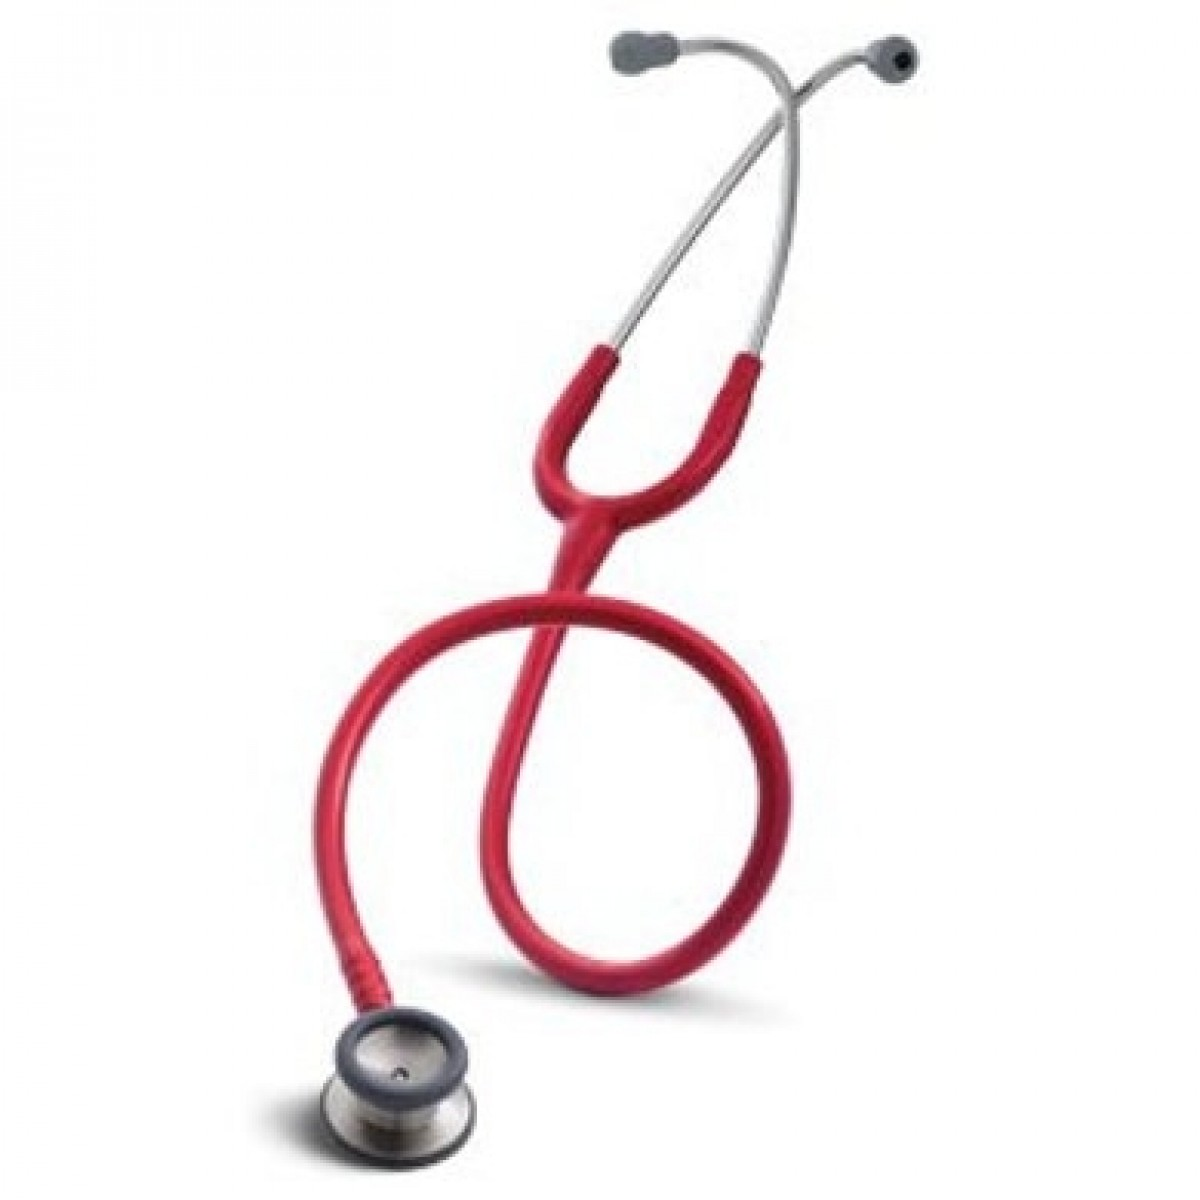 3M Littmann Classic II Pediatrik Steteskop Red Kırmızı 2113R